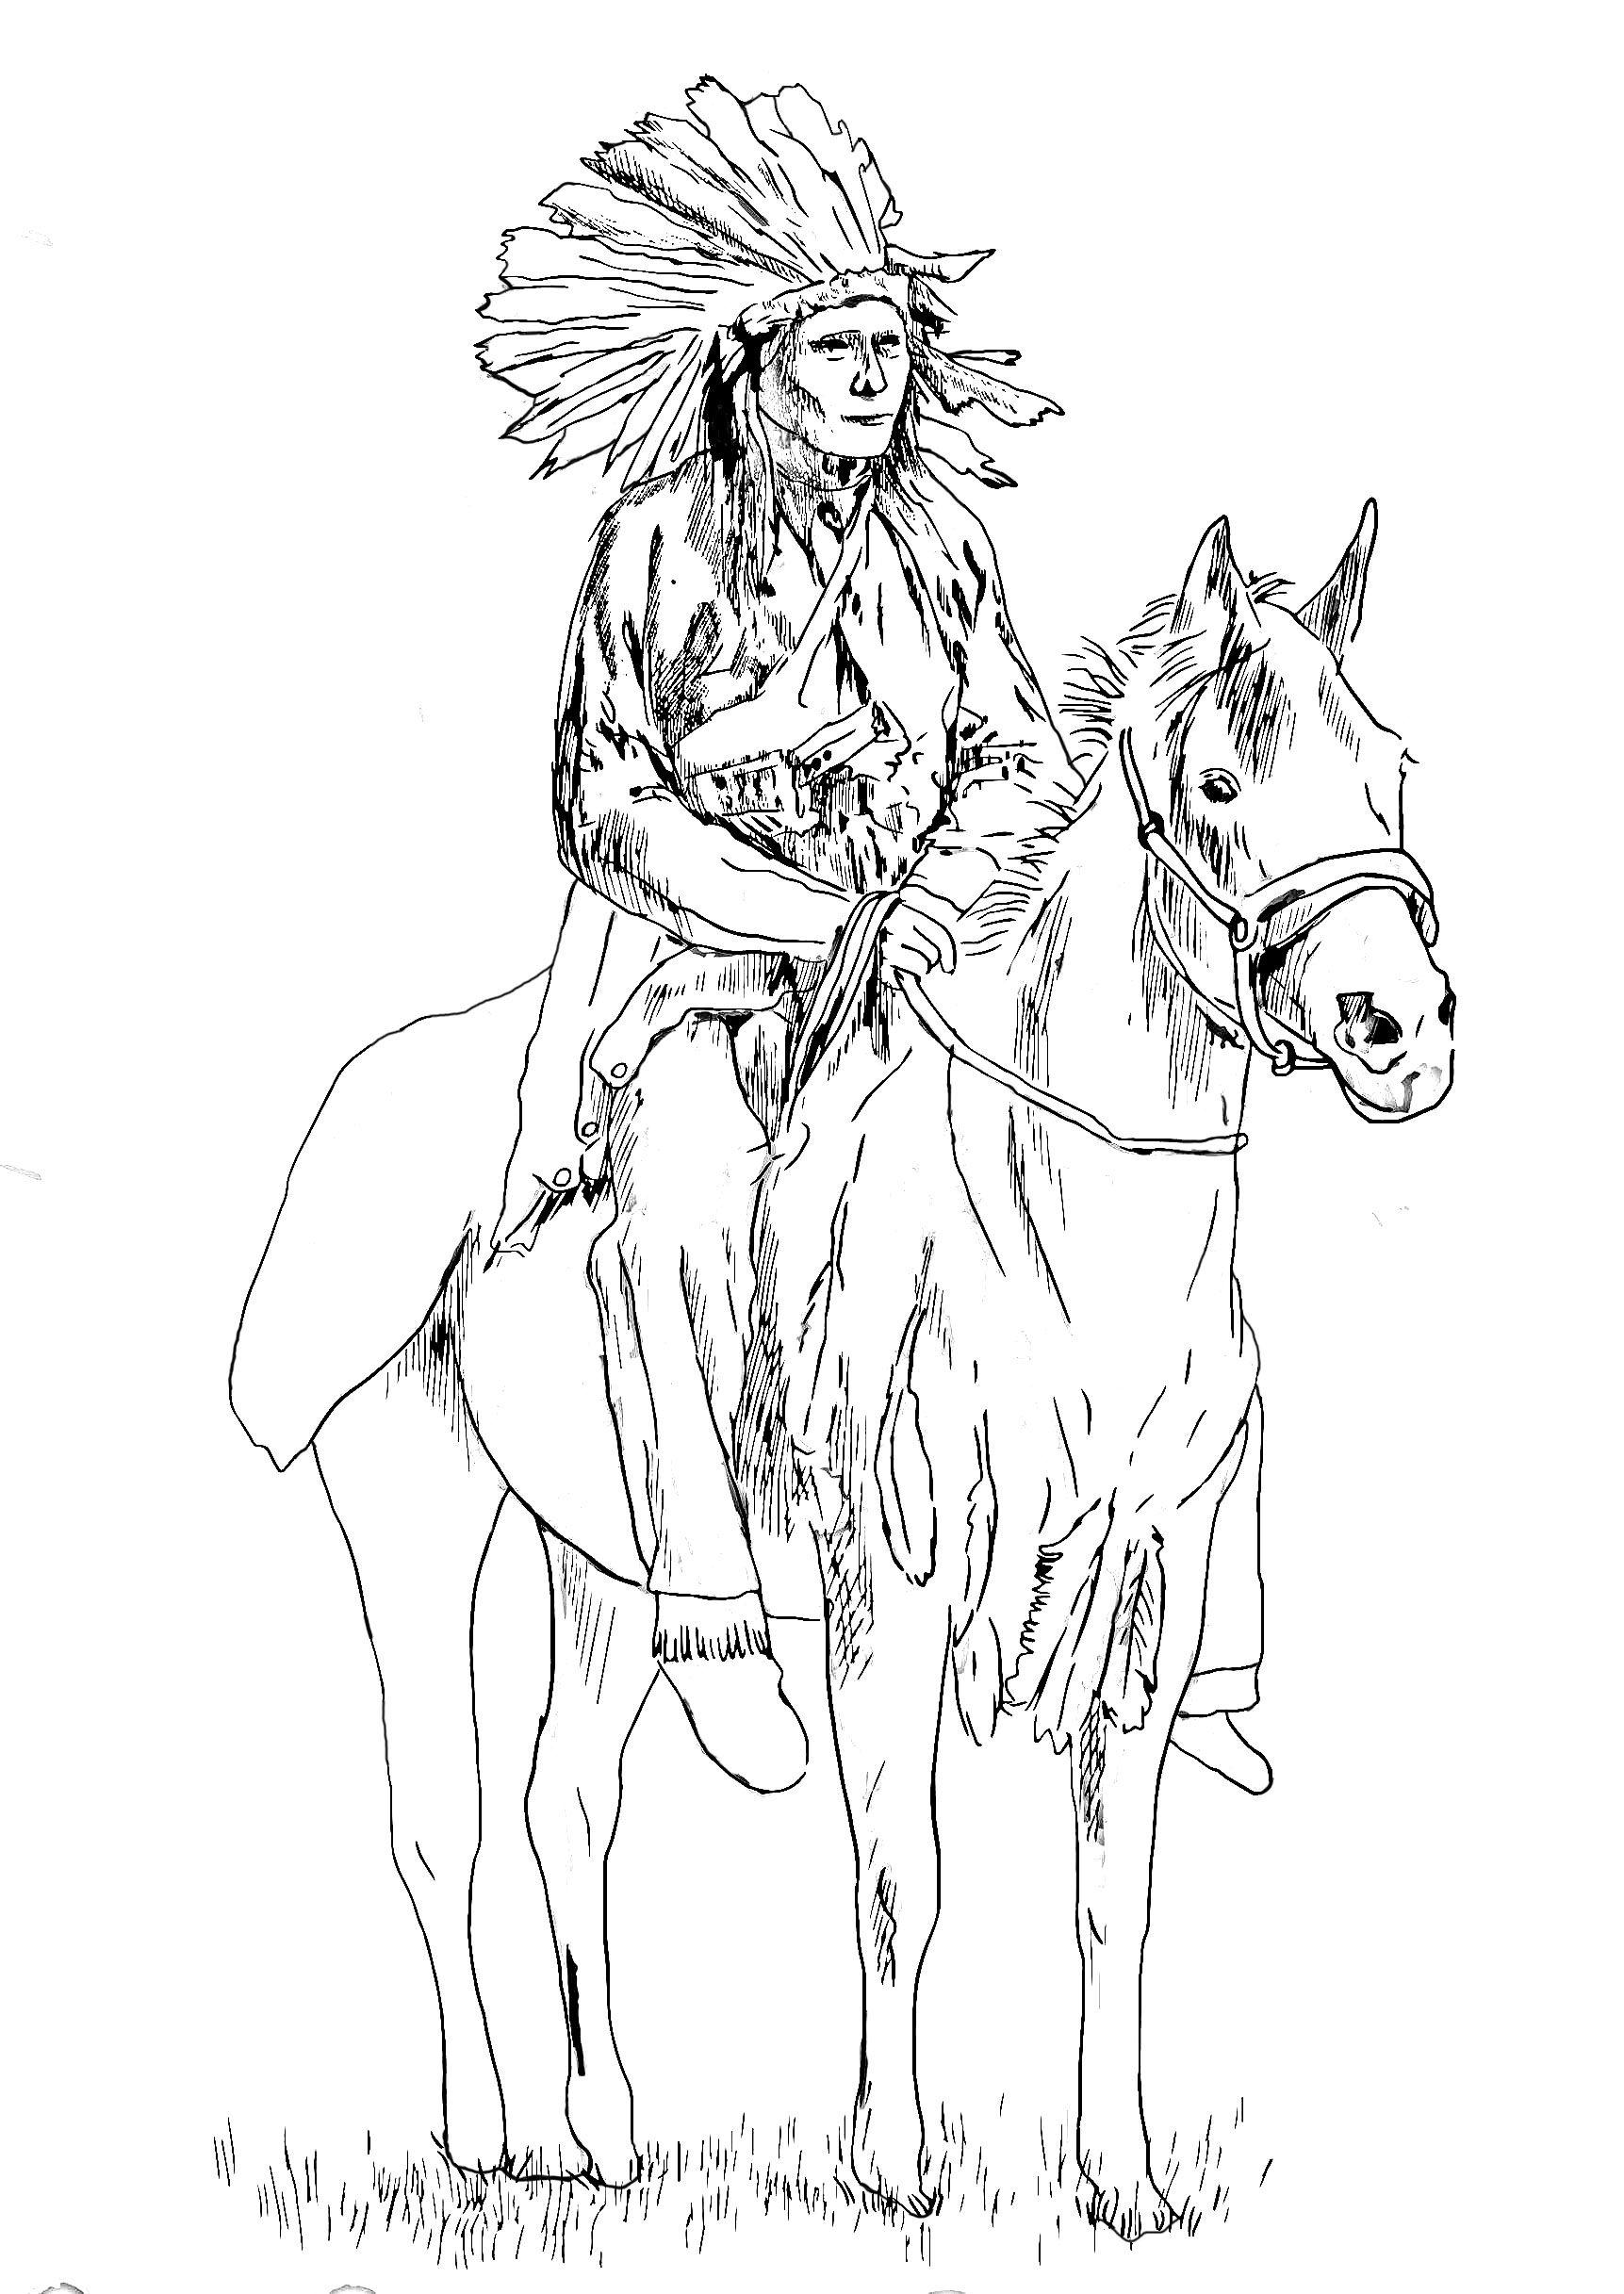 Dessin magnifique d 39 un grand chef indien sur son chevala partir de la galerie indiens d - Coloriage magnifique ...